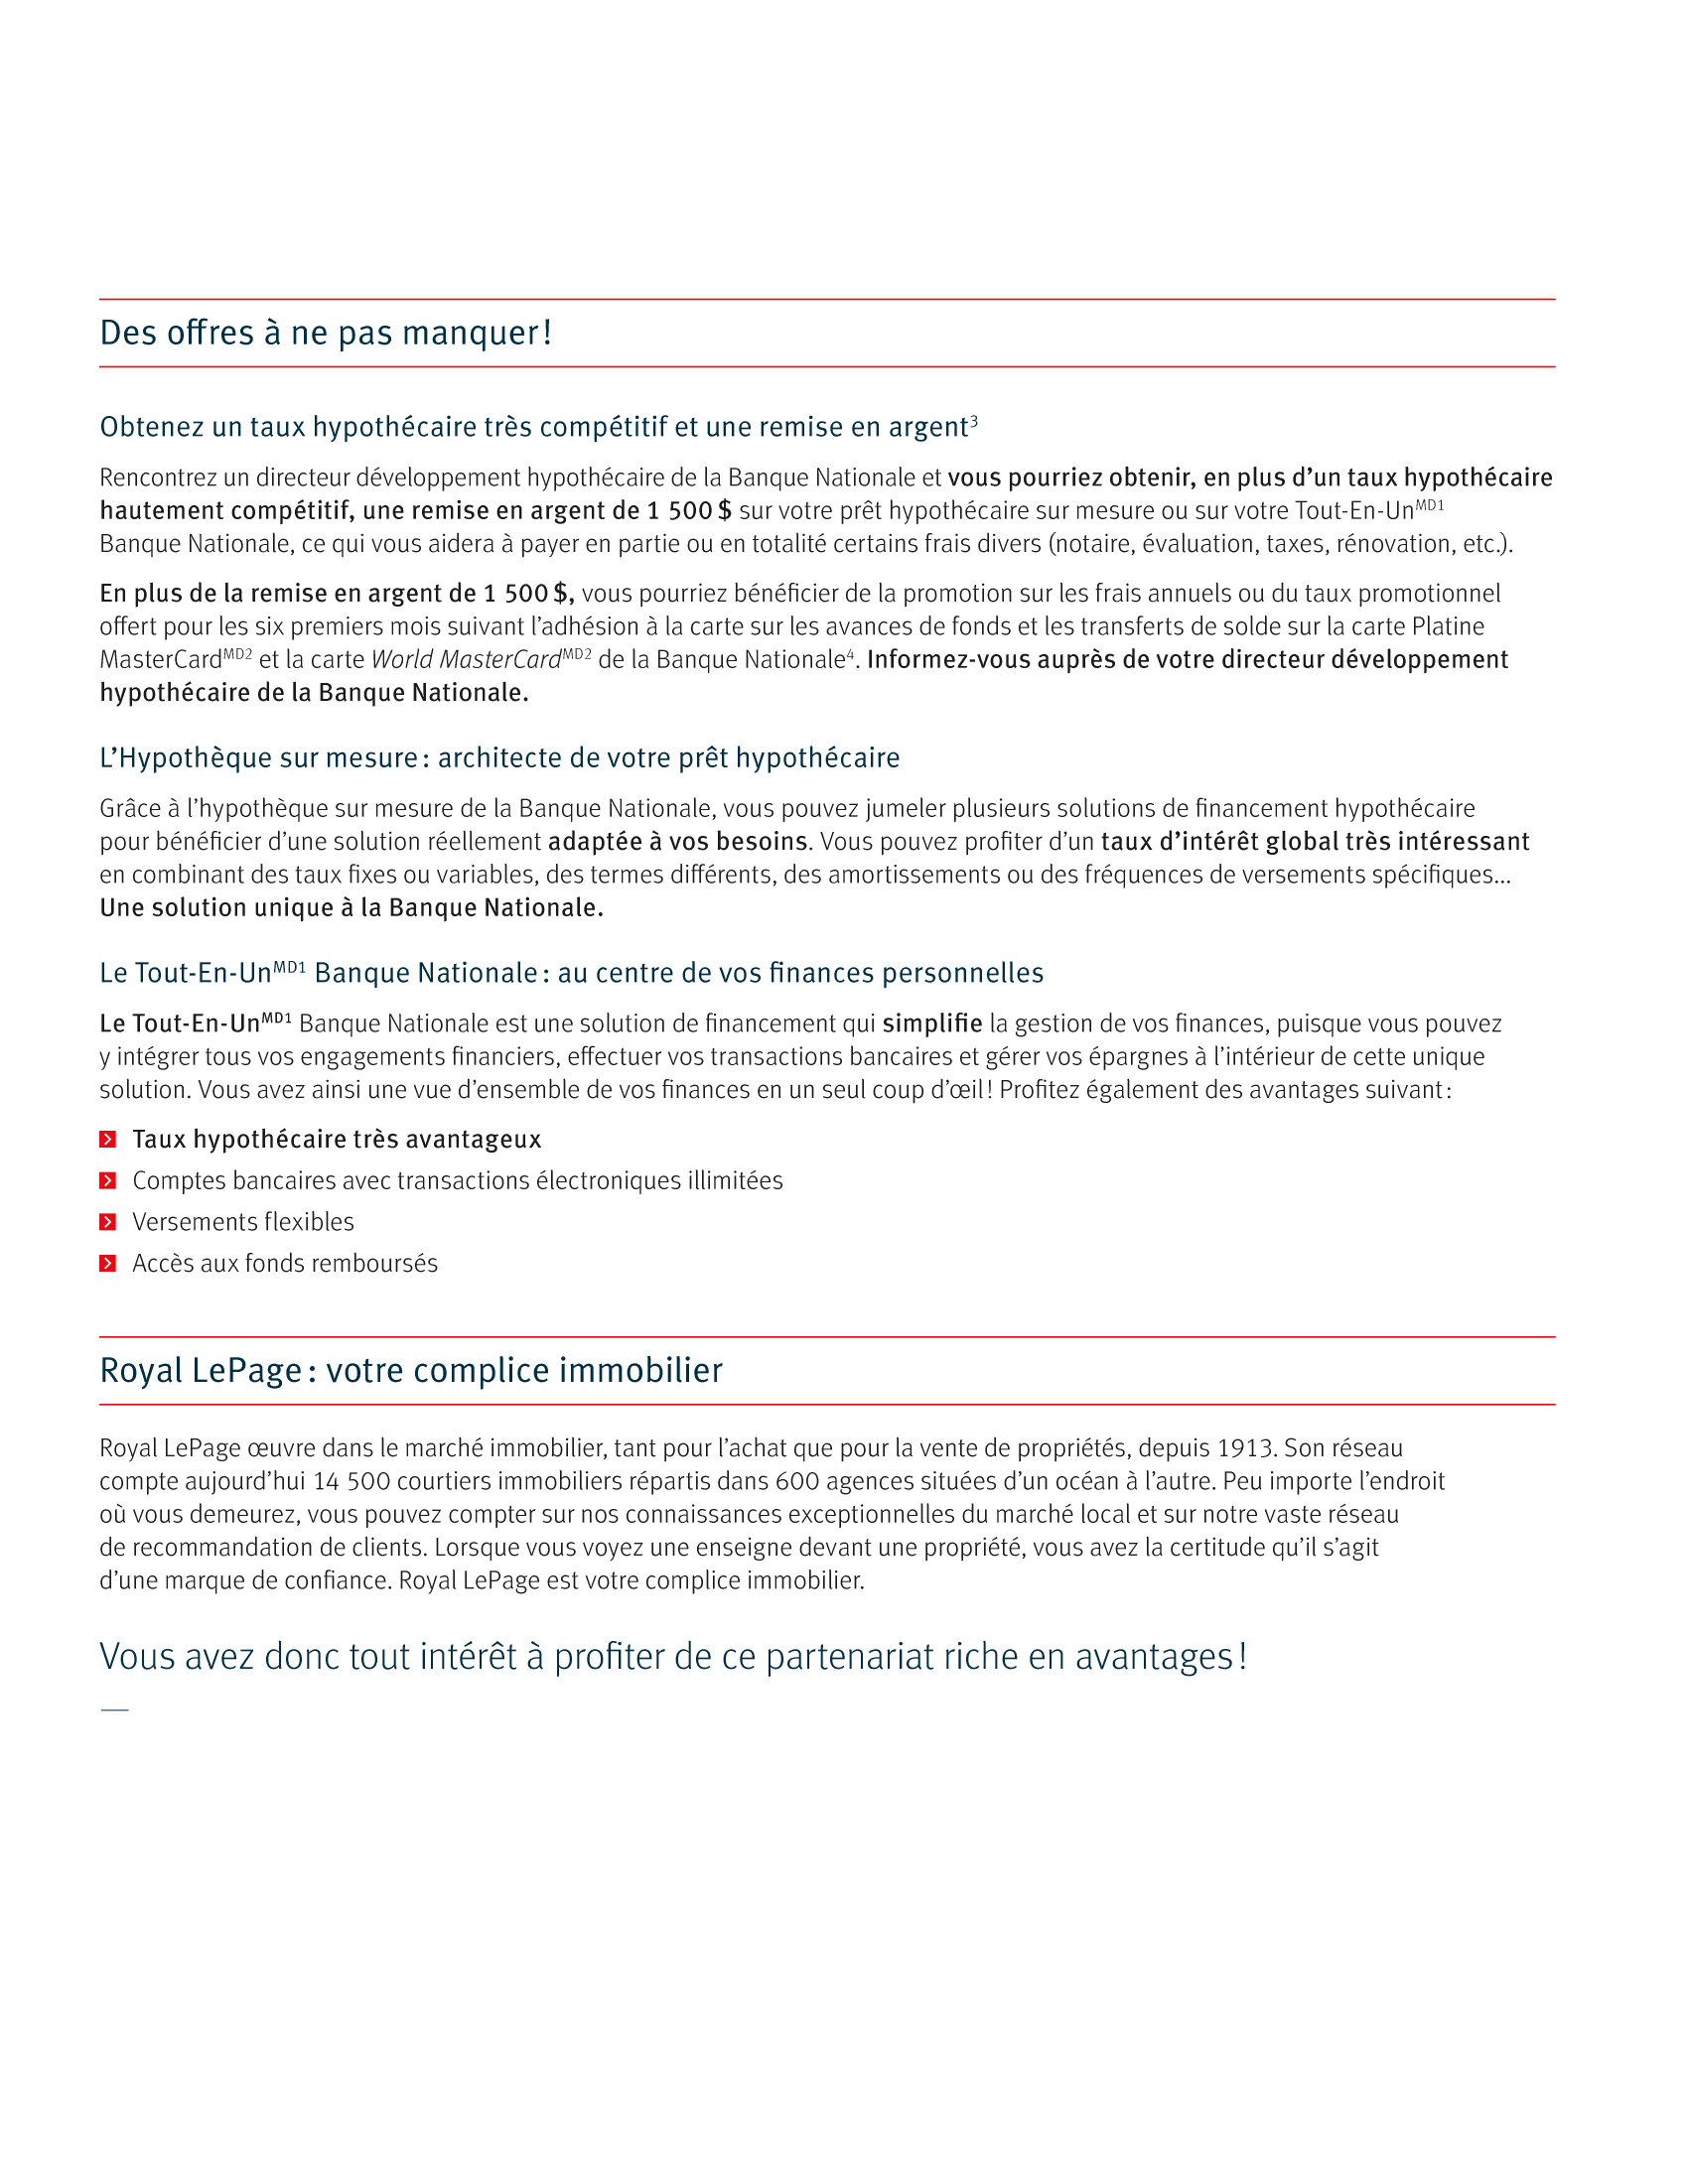 3 | Dépliant « Un partenariat riche en avantages » - Royal Lepage